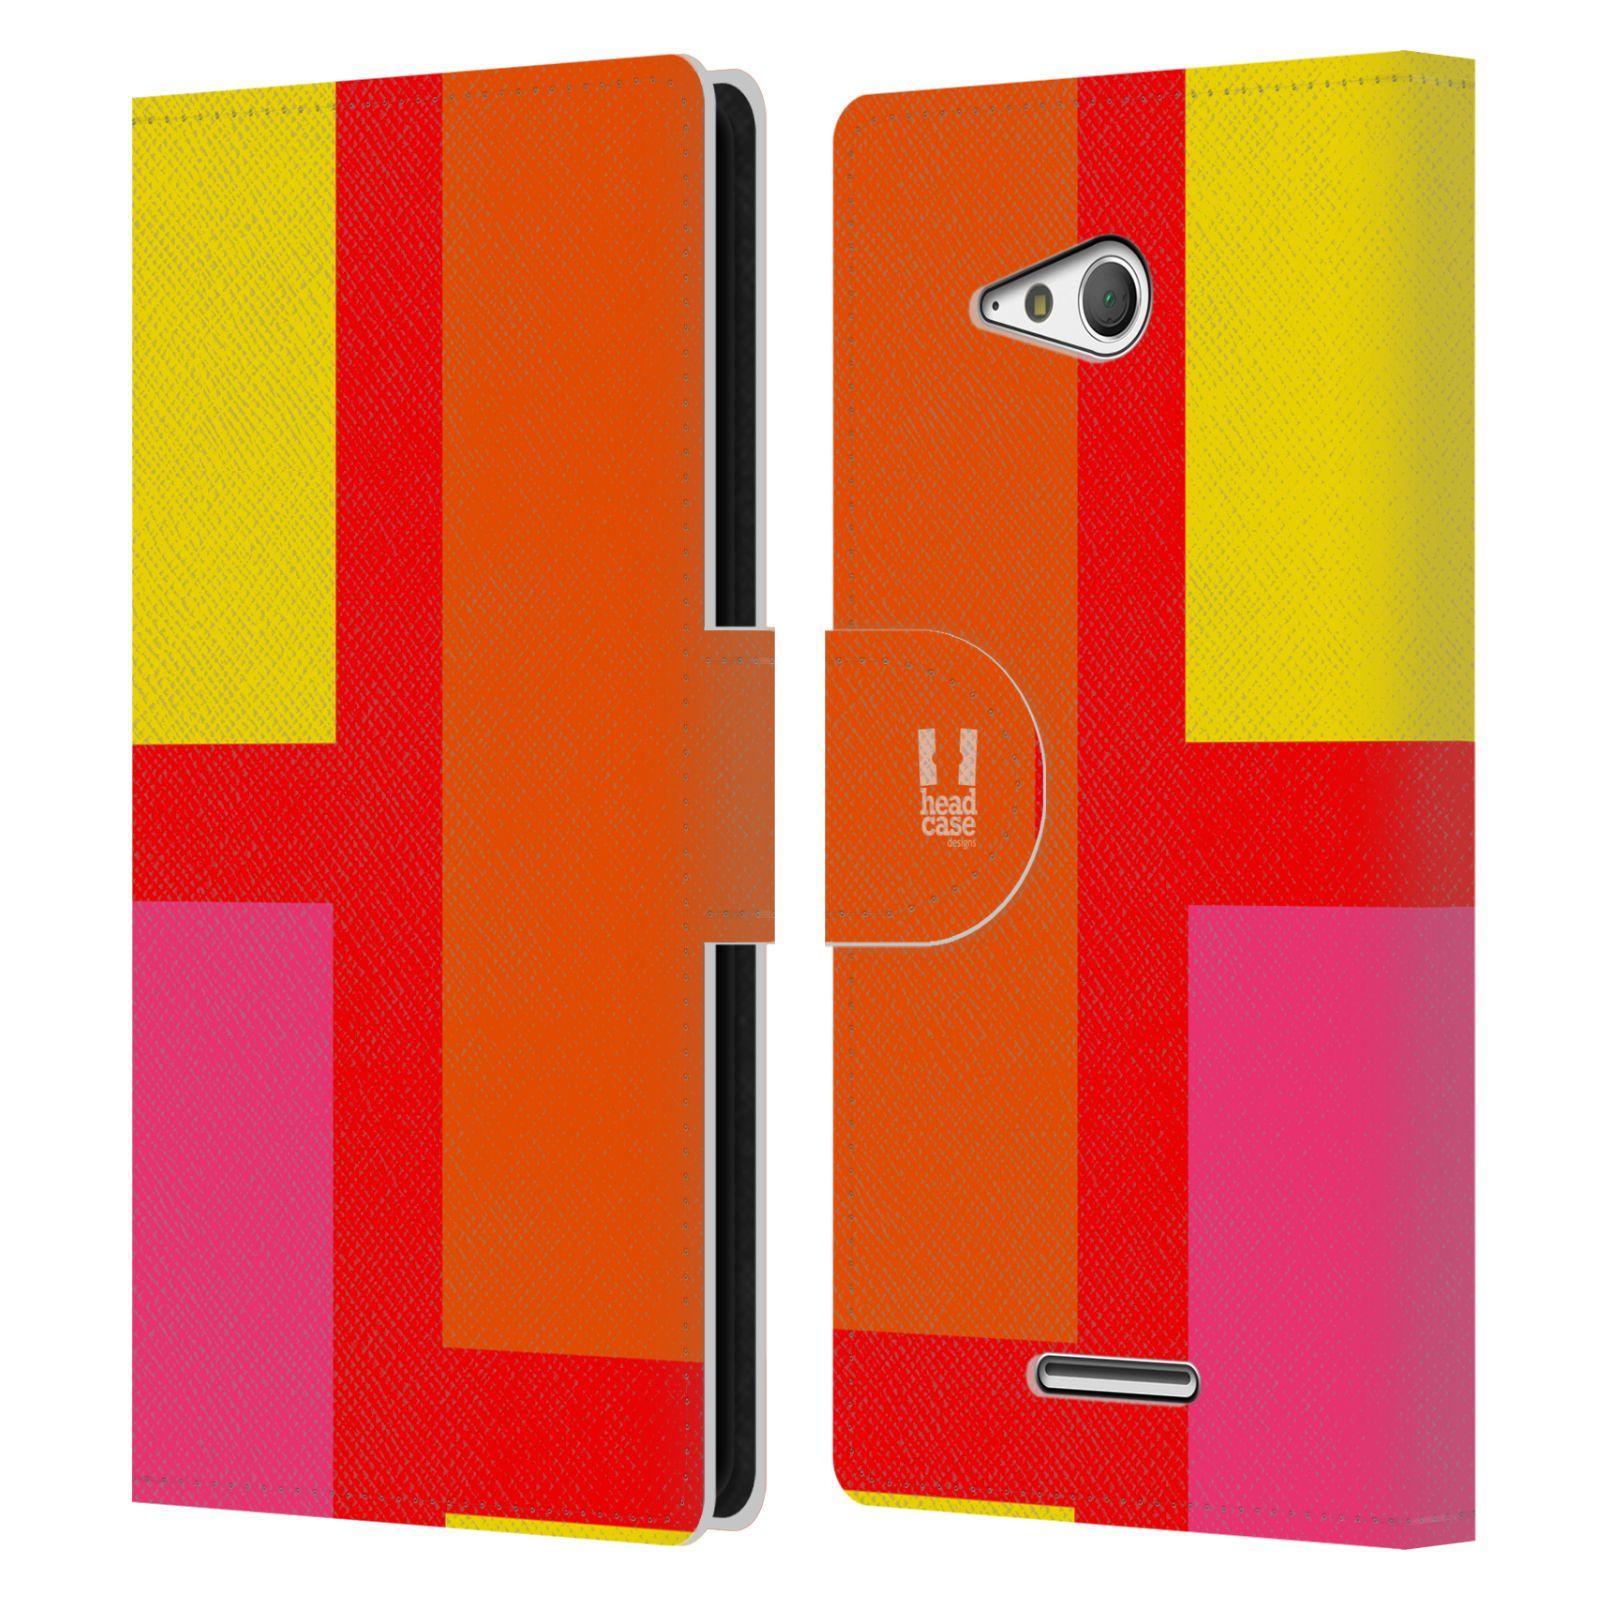 HEAD CASE Flipové pouzdro pro mobil SONY Xperia E4g barevné tvary oranžová ulice